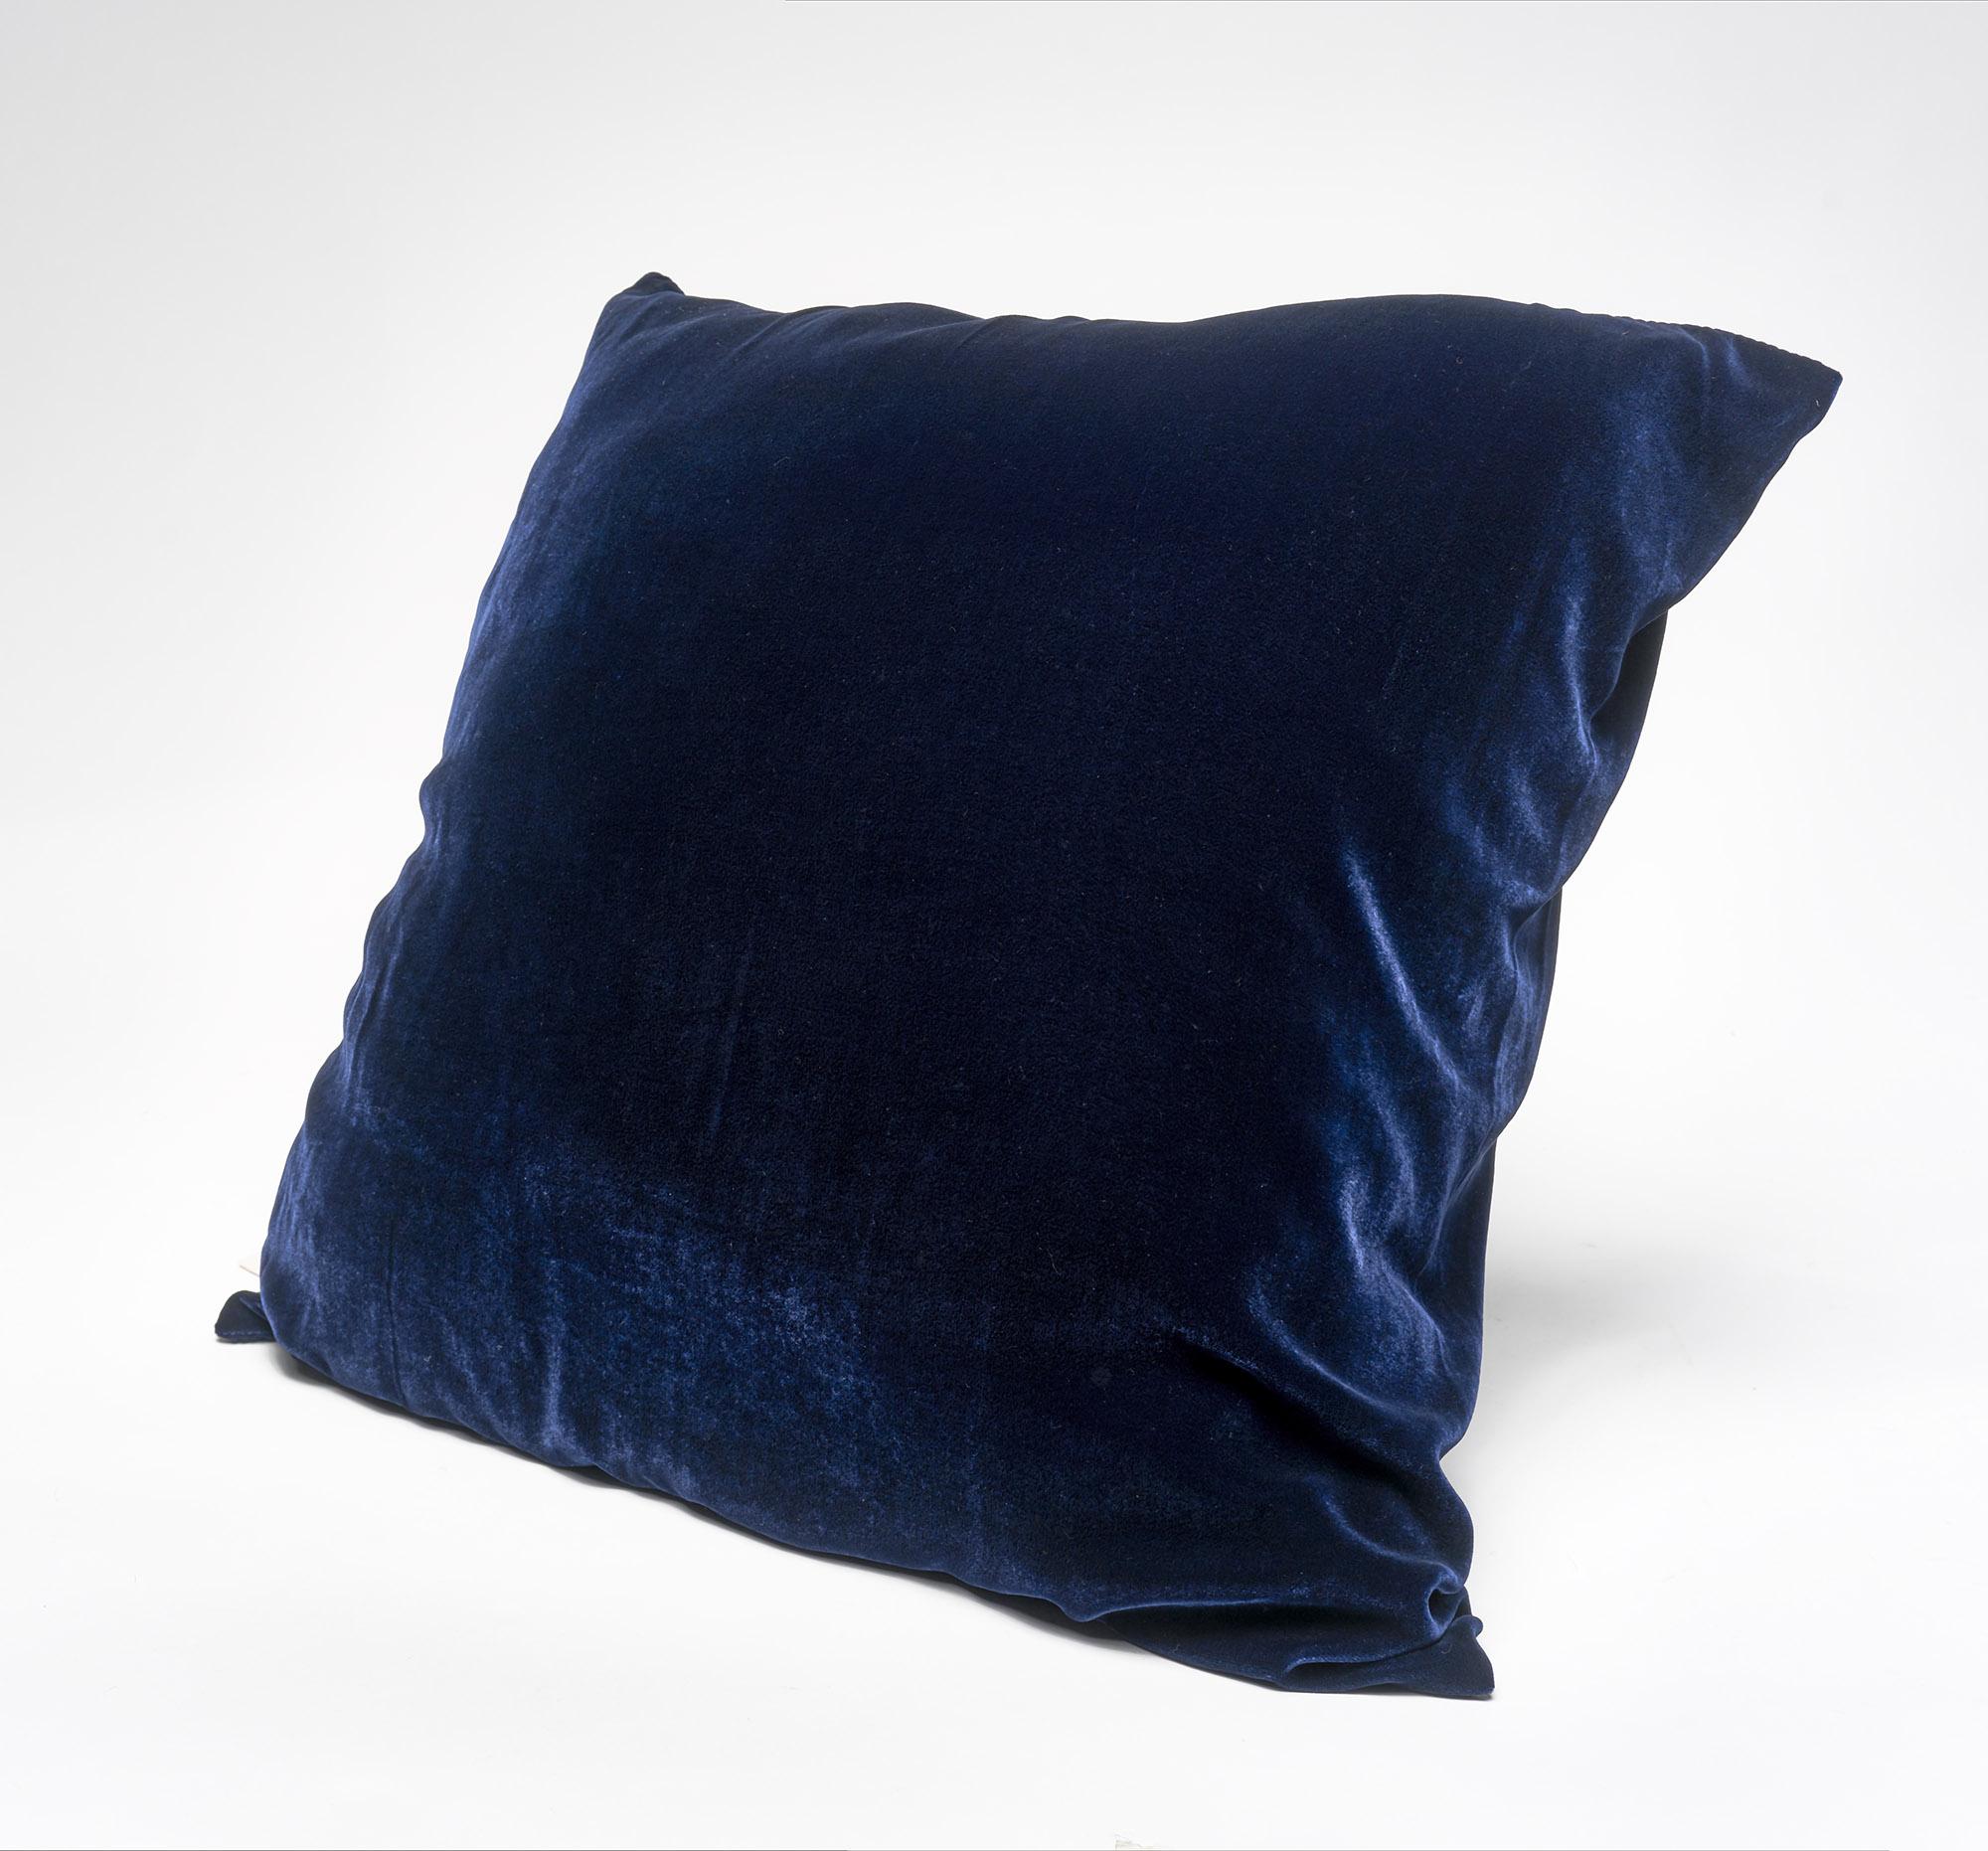 SALE! Almohadón de terciopelo, cuadrado, azul marino